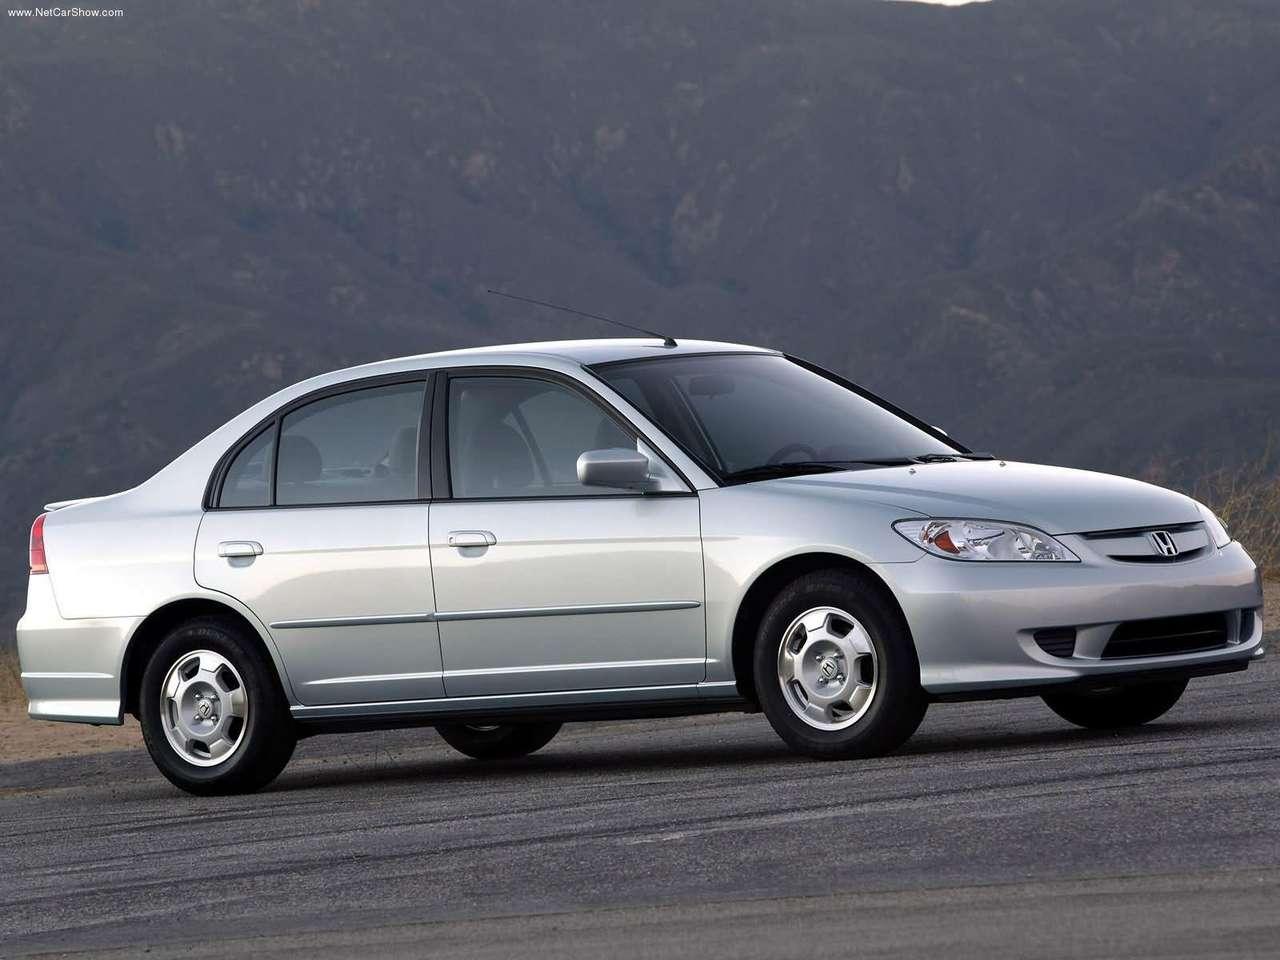 http://1.bp.blogspot.com/-hVy9MJCYn1Q/TclEI6yqxpI/AAAAAAAAGd4/vJuMmbnk9YE/s1600/Honda-Civic_Hybrid_2005_1280x960_wallpaper_03.jpg